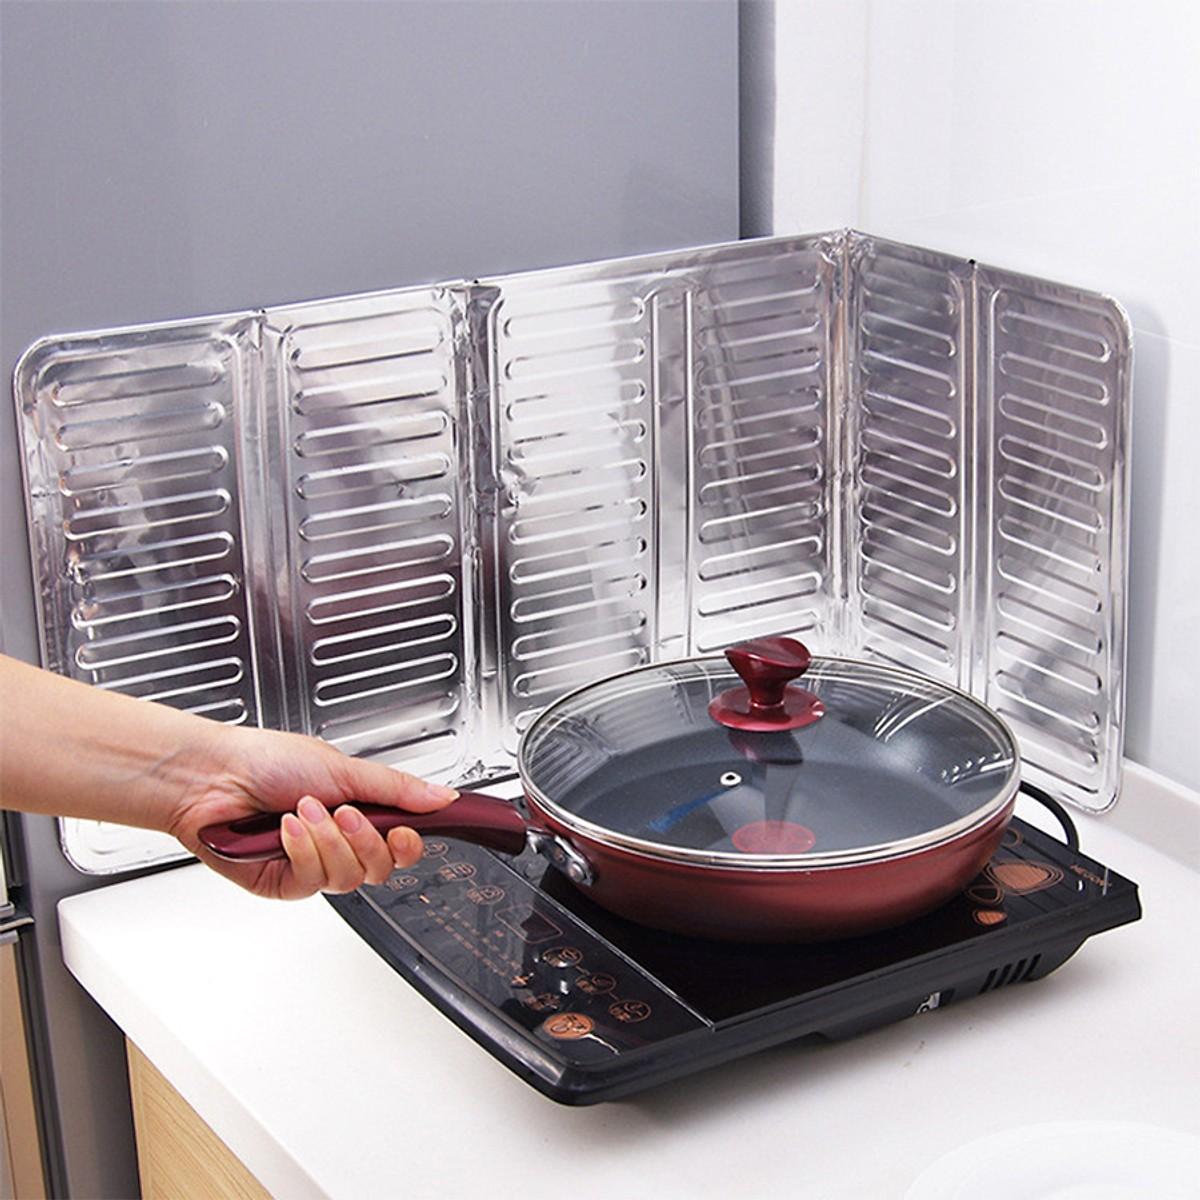 COMBO Giấy Bạc Dán Bếp Chống Thấm 3M + Tấm Chắn Dầu Mỡ Bếp Ga - Tặng gương cầm tay